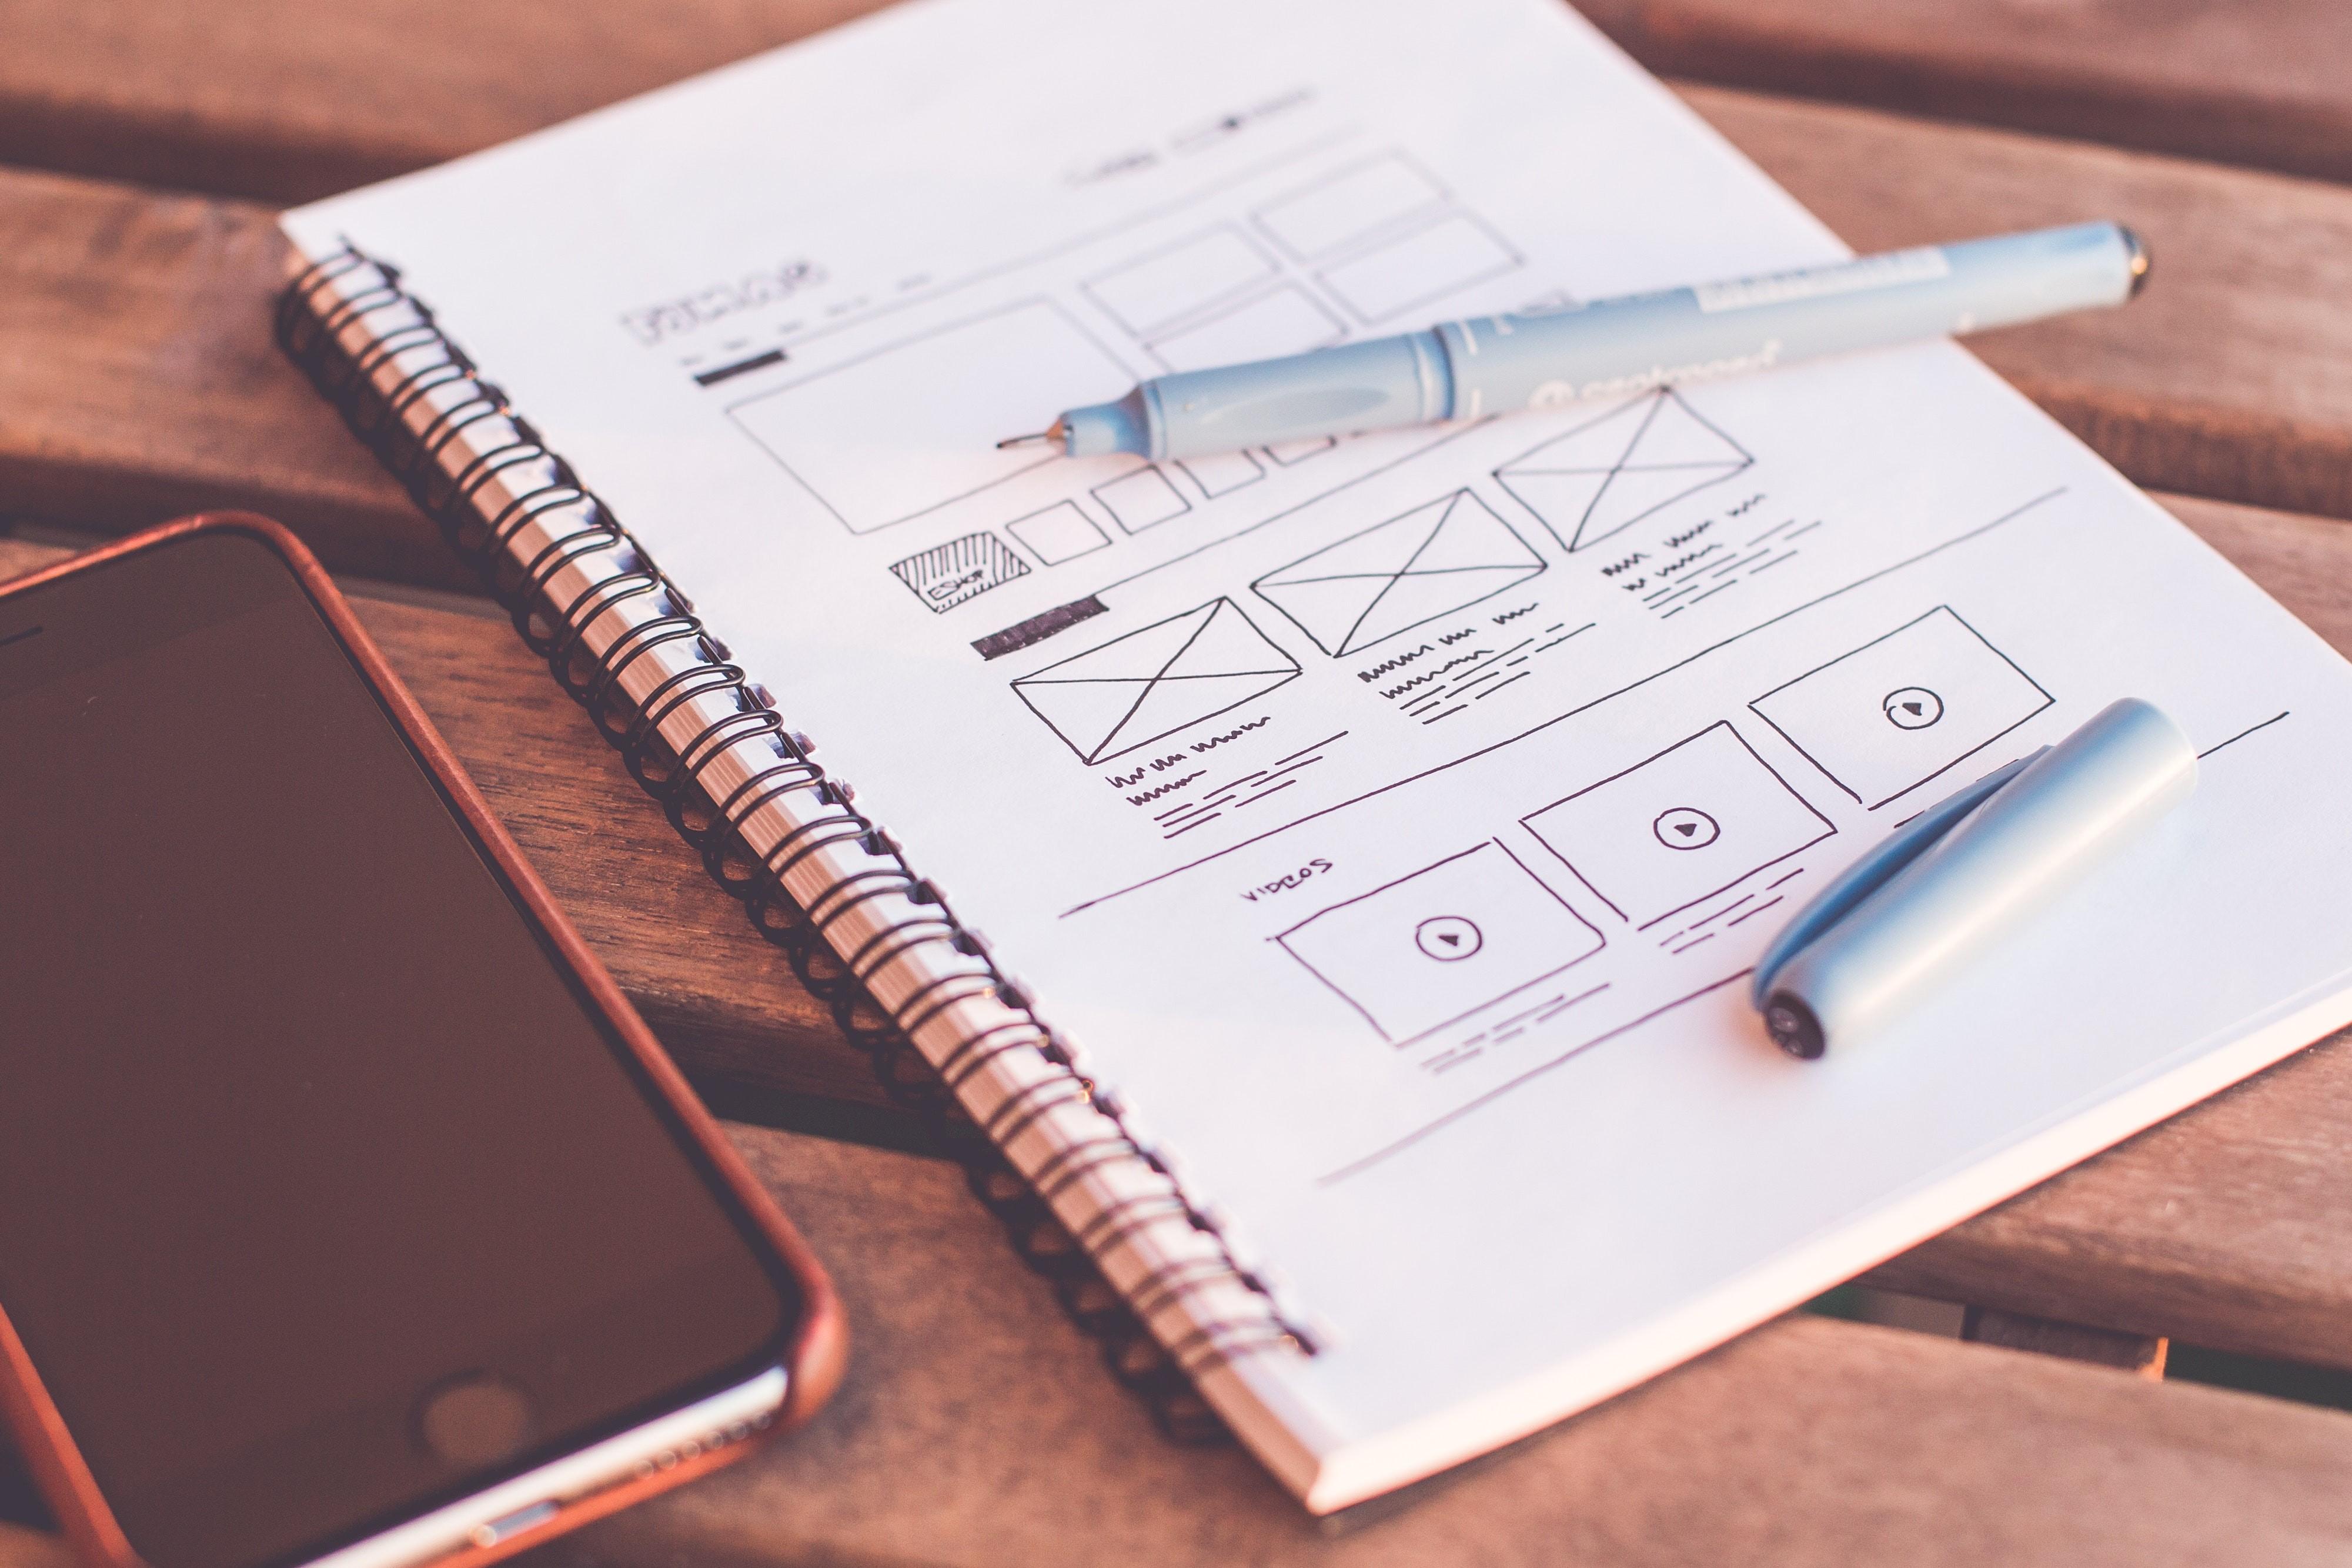 Οι βασικοί «συντελεστές» του επιτυχημένου design